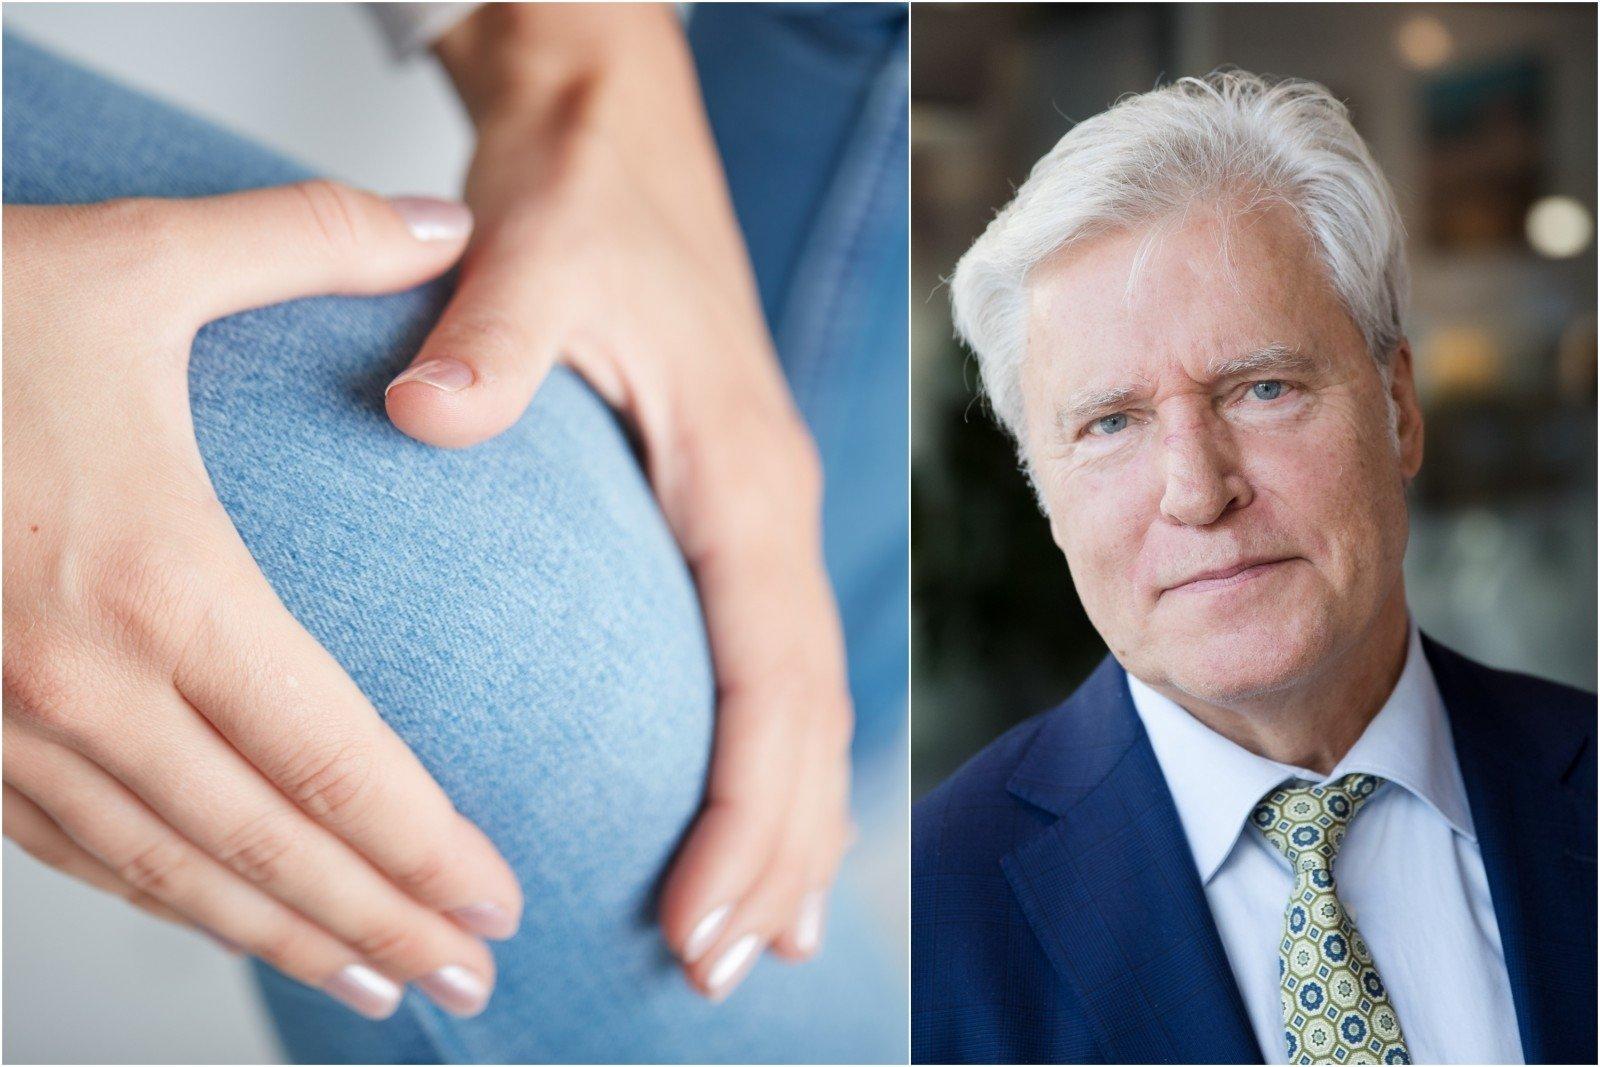 artrozė pėdų gydymas prevencija kelio osteochondroze